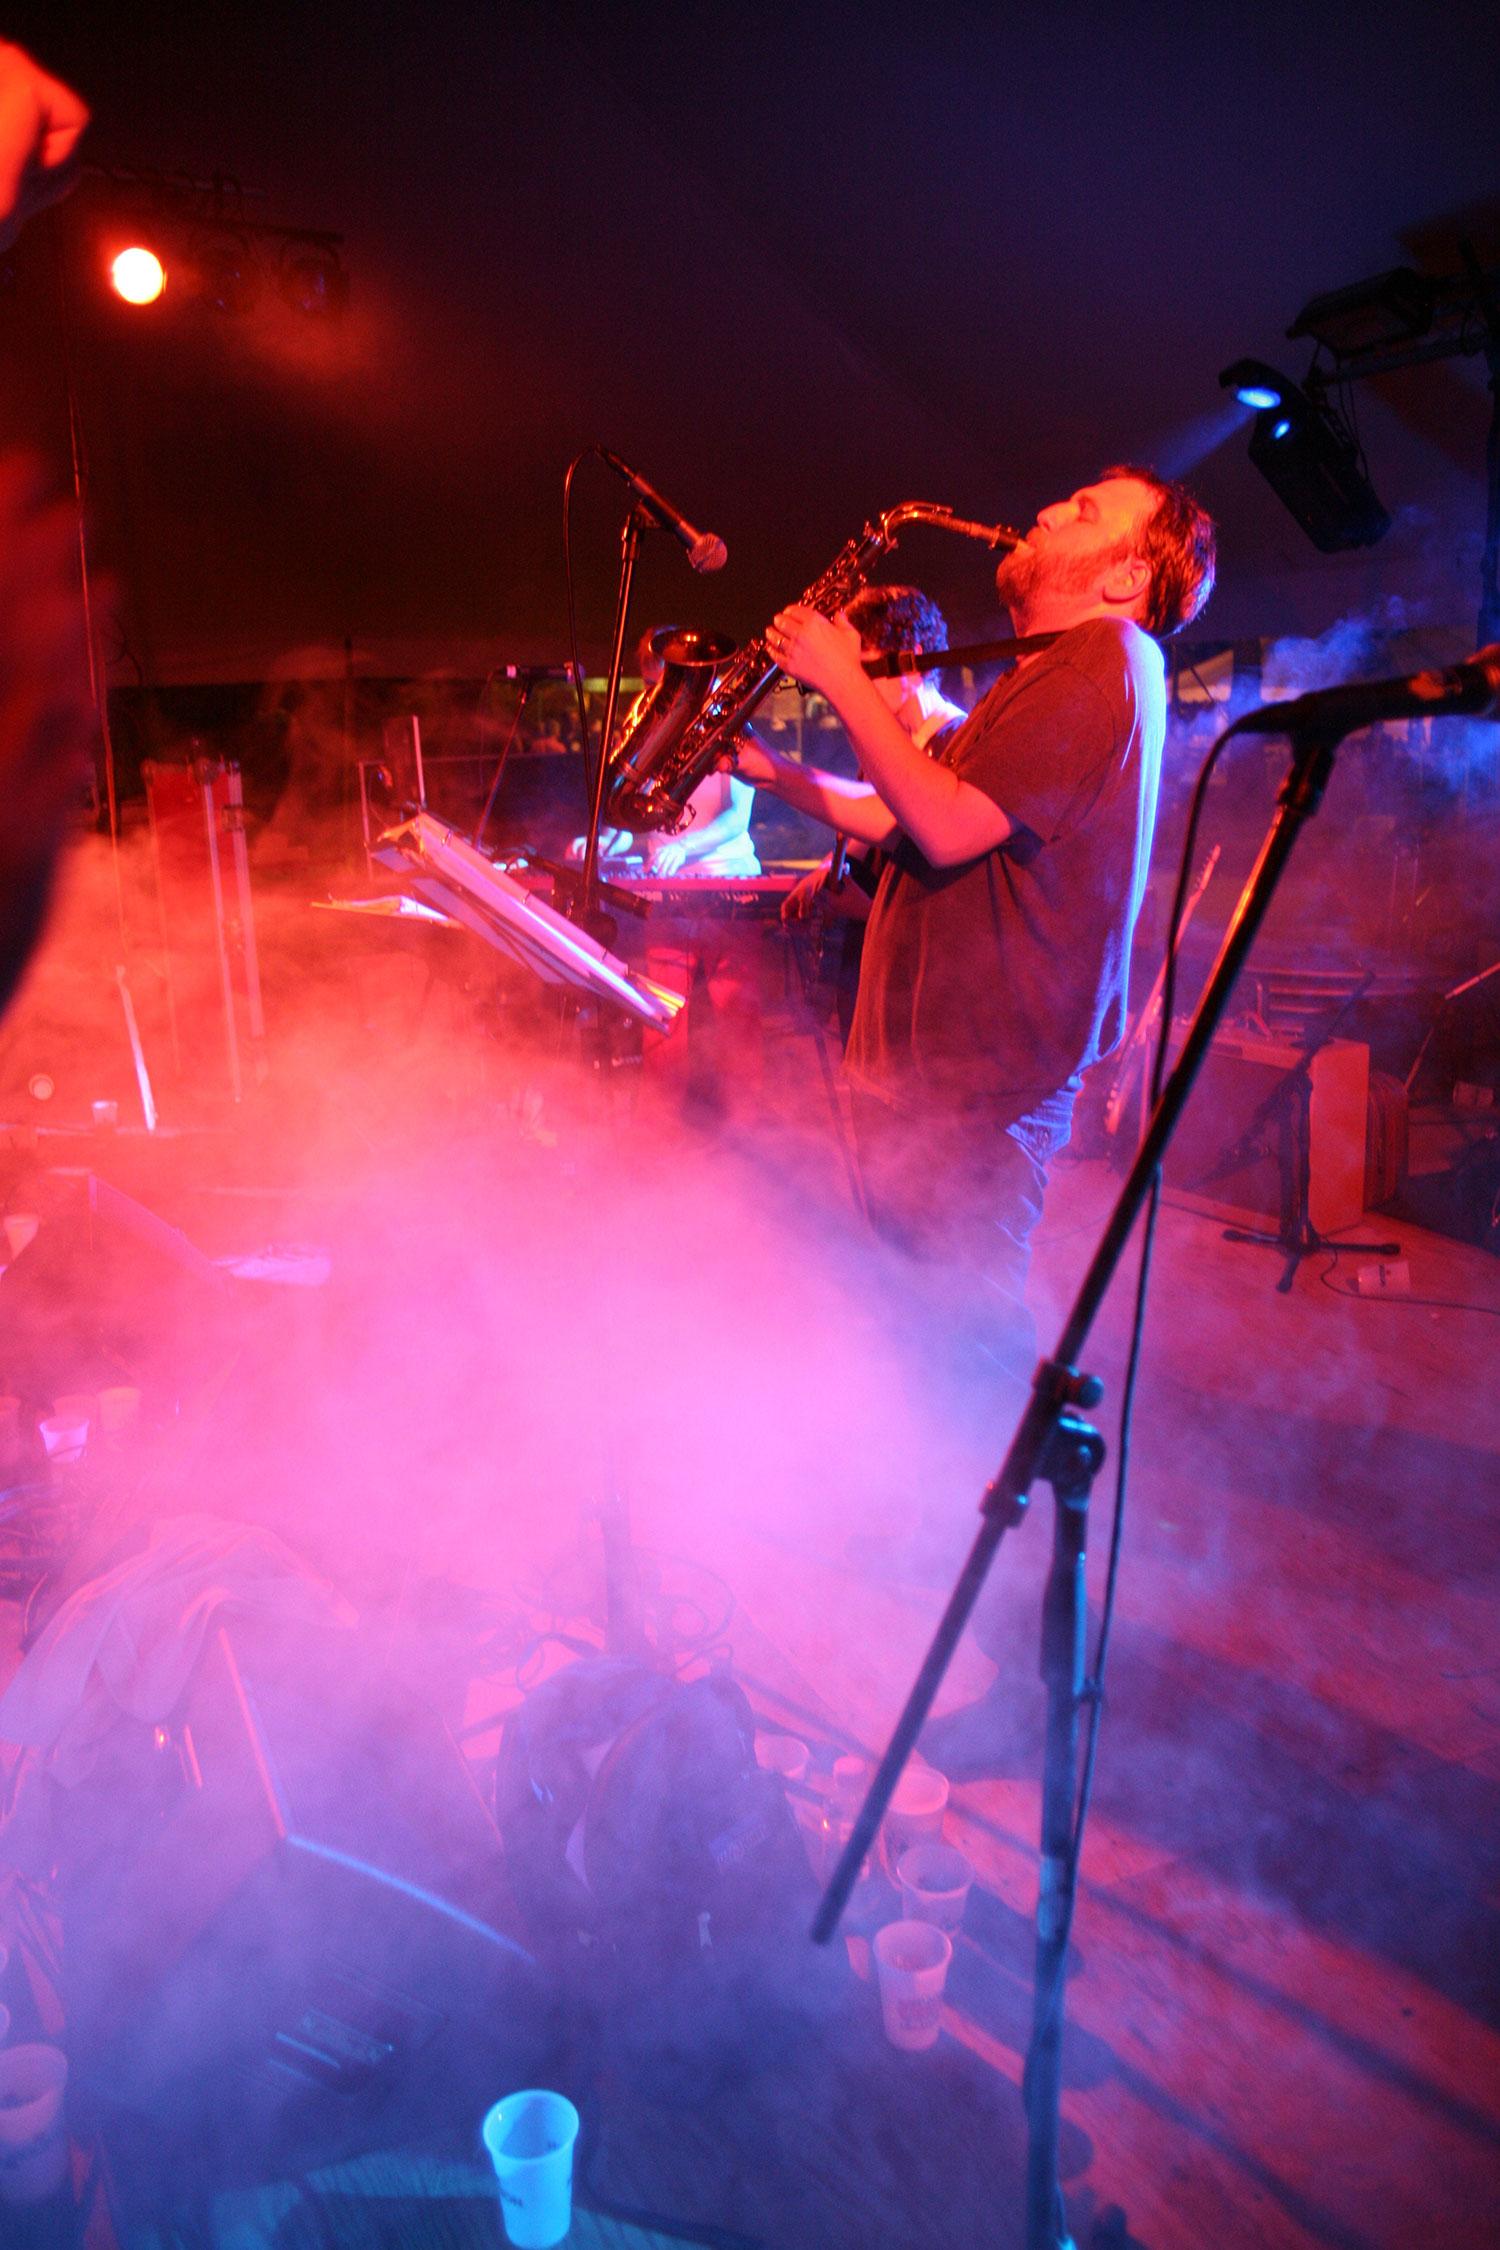 Princeton Reunion Dexter Lake Club Band Sax Player with smoke machine